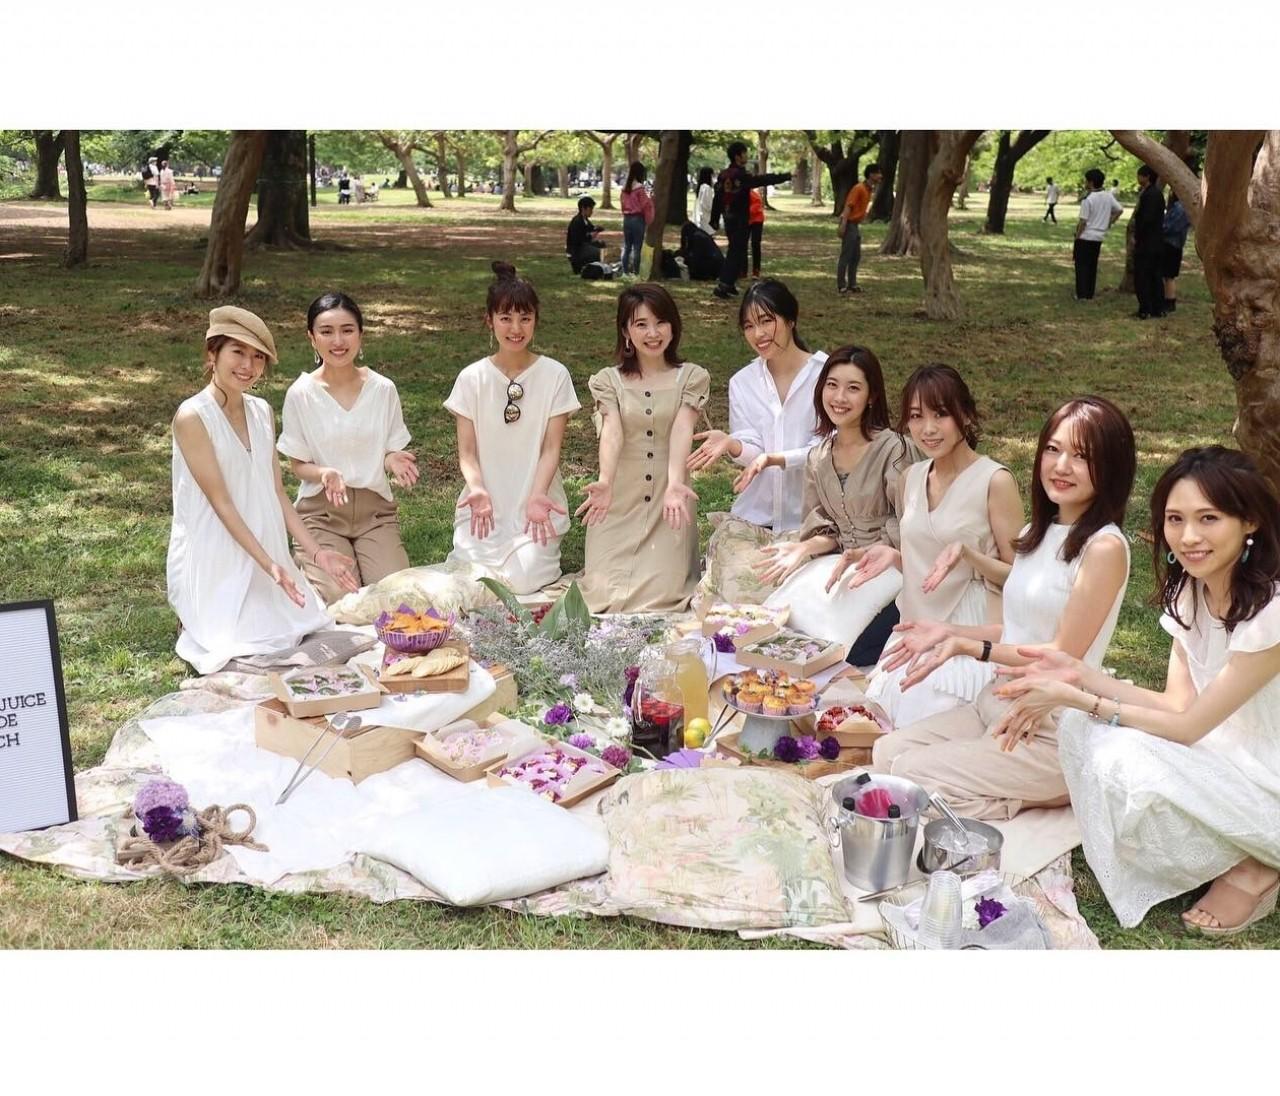 【バイラーズ女子会】手ぶらでオシャレピクニック♪